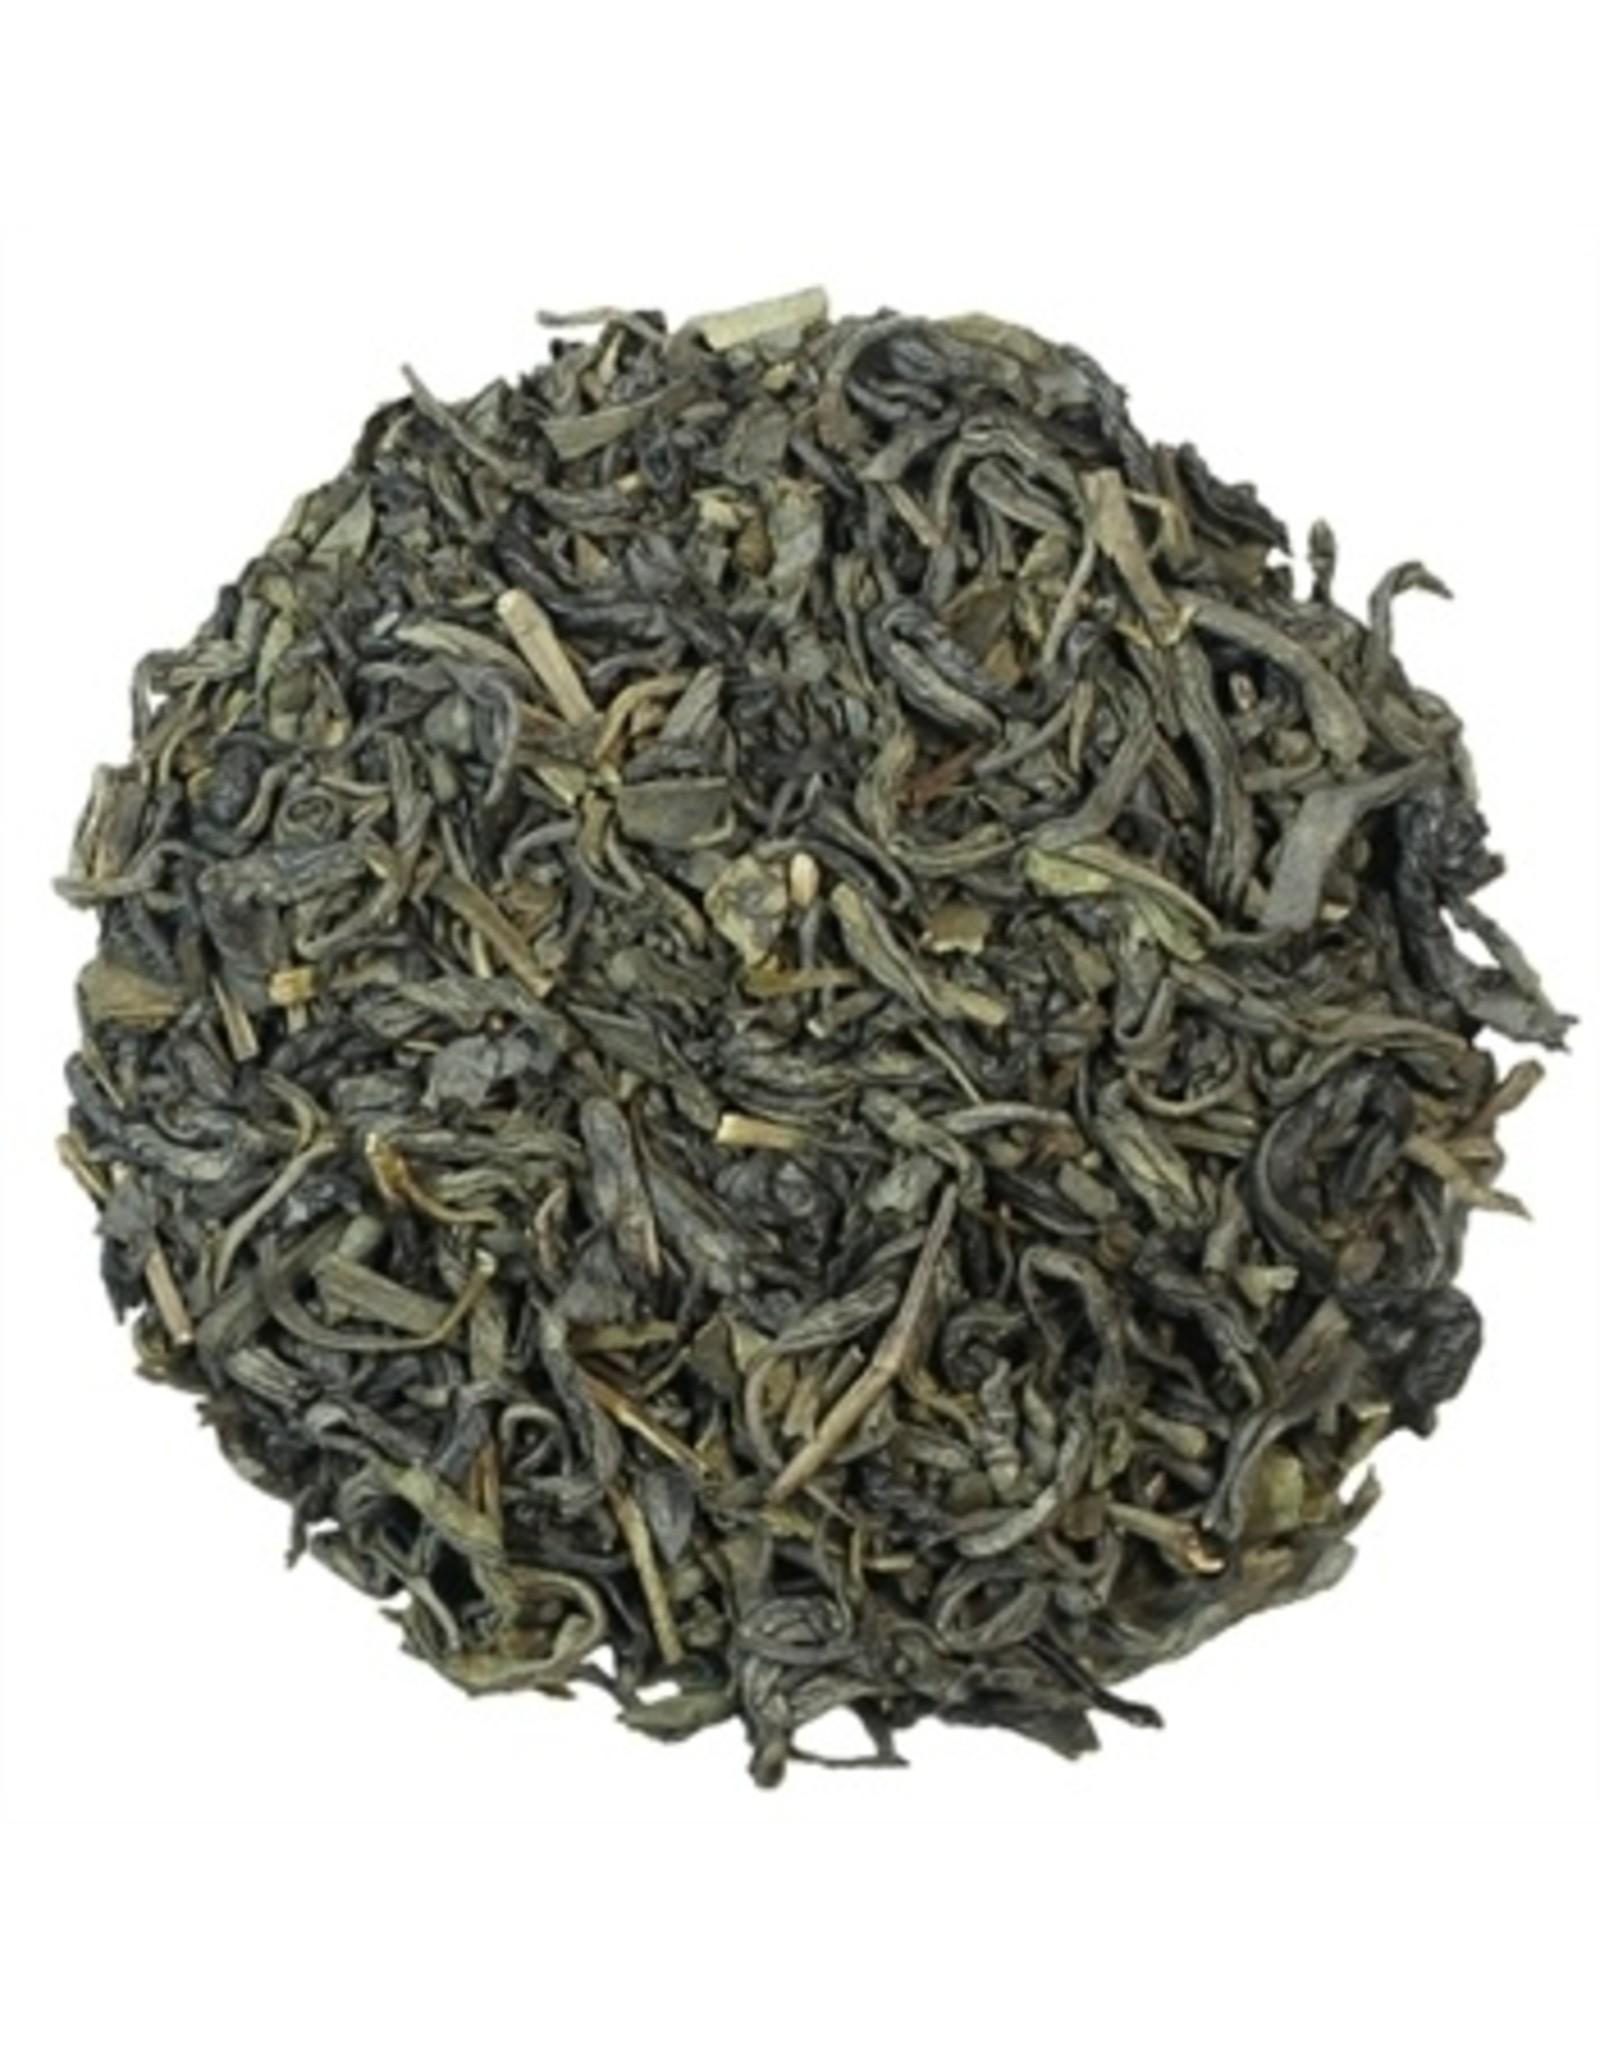 Back To Eden CO Young Hyson 1oz Tea Tin